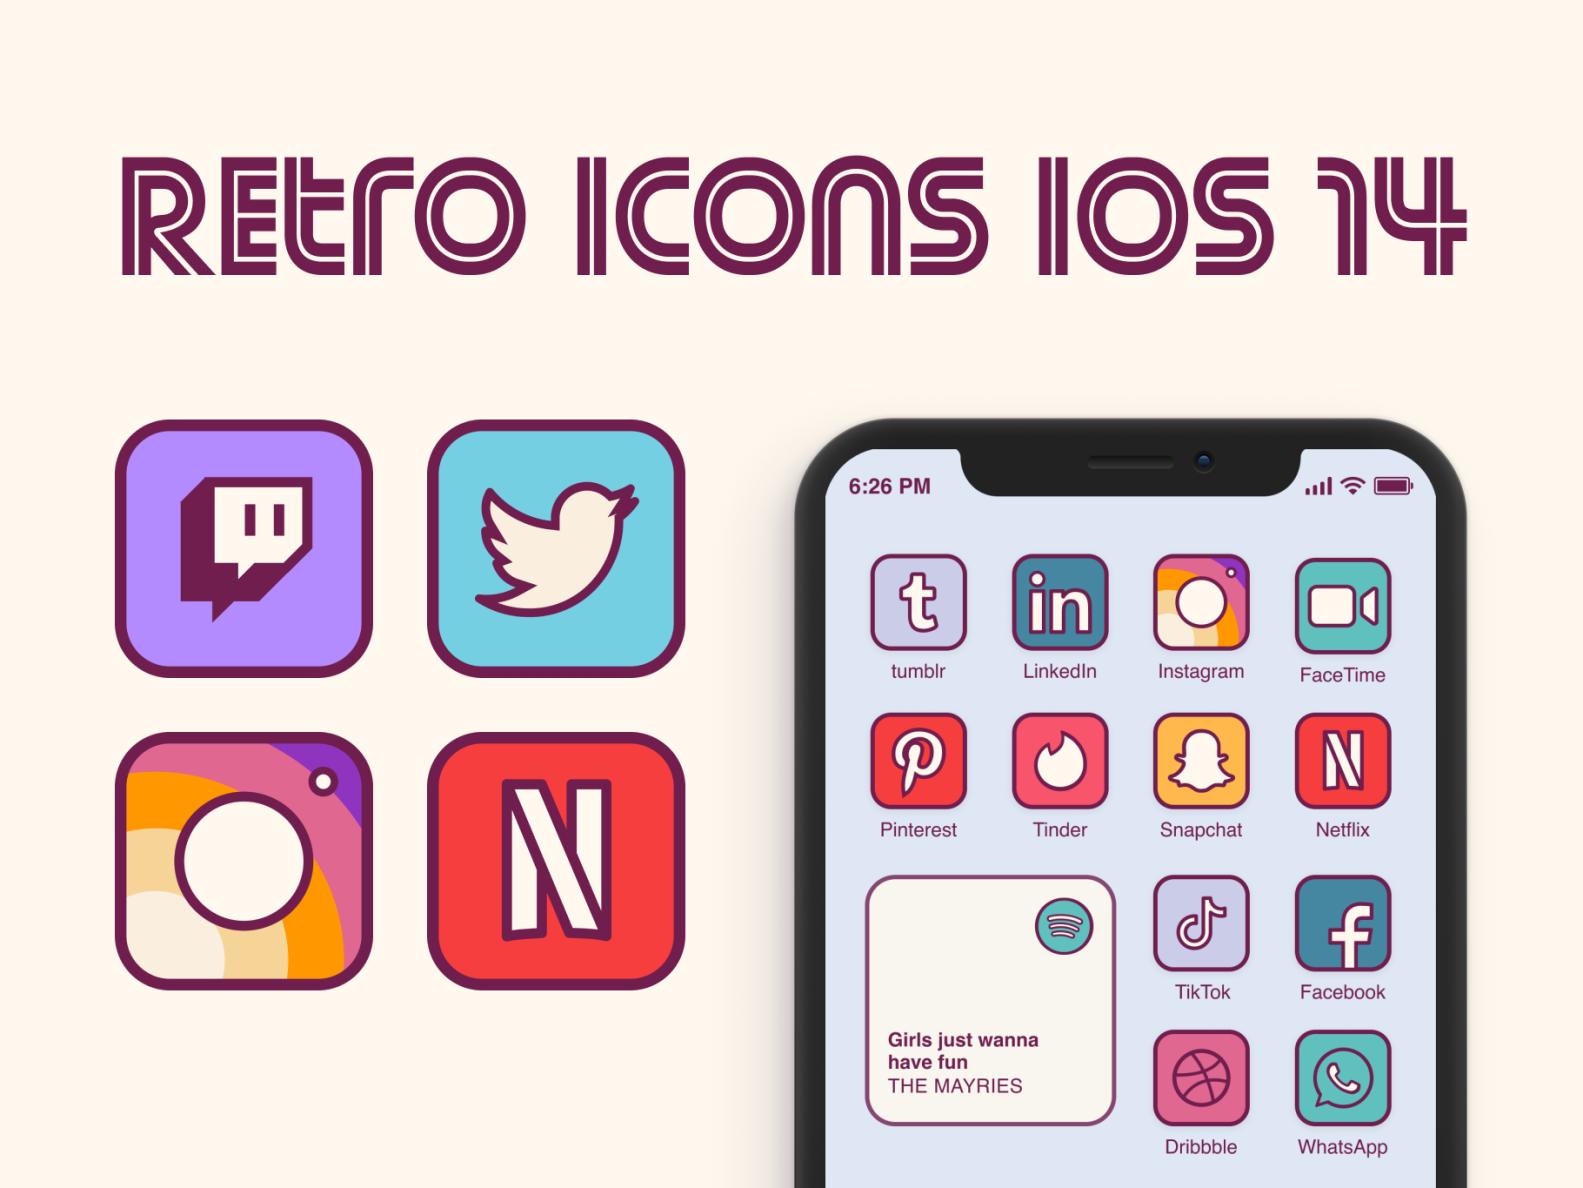 Retro icons home screen ios 14